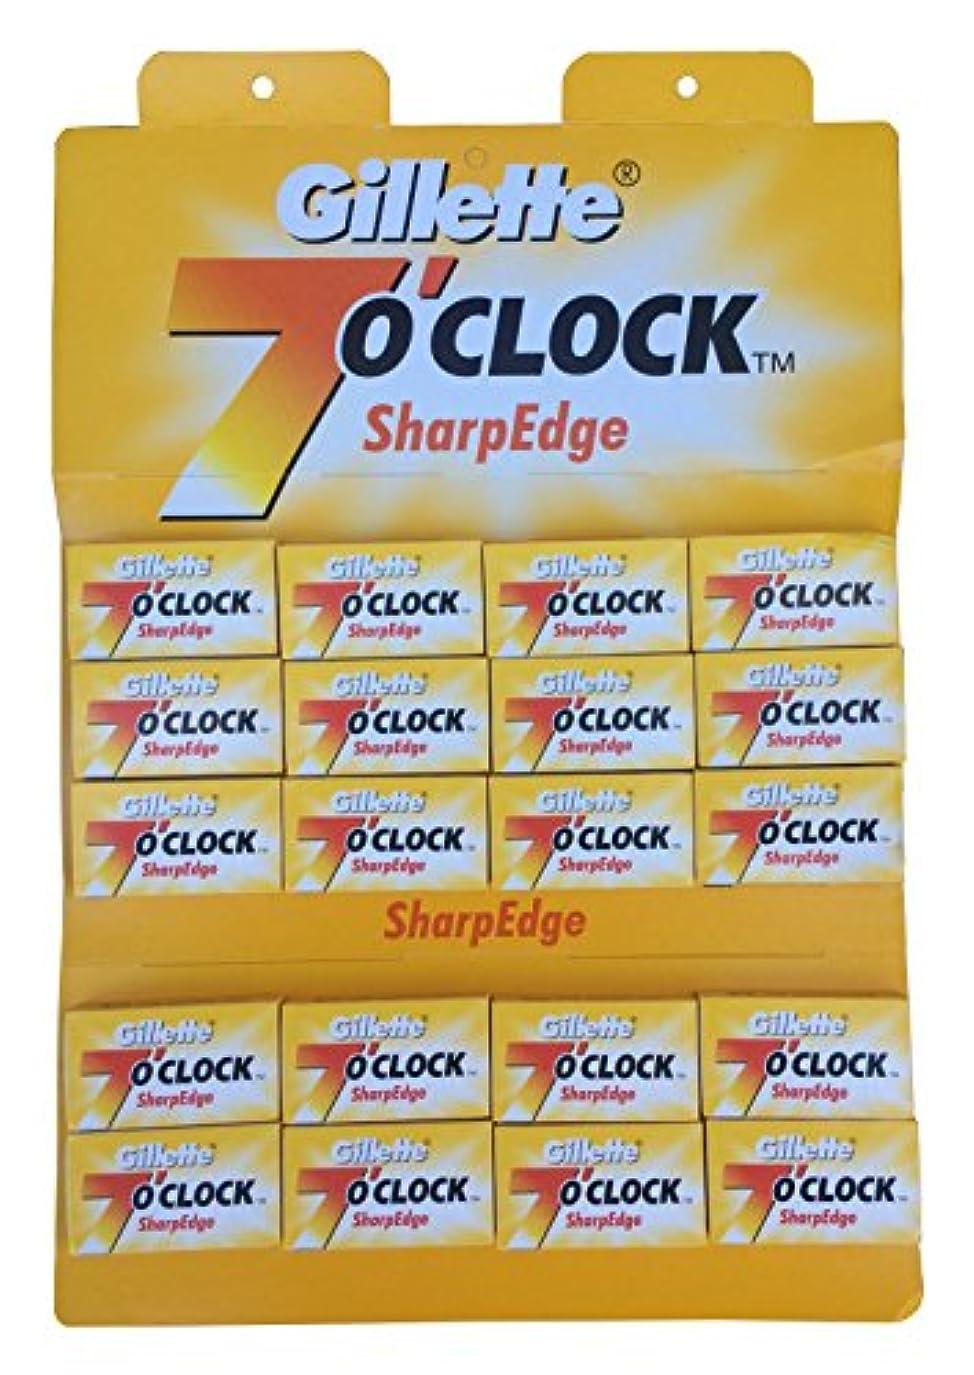 ワゴンキャリア条件付きGillette 7 0'Clock SharpEdge 両刃替刃 100枚入り(5枚入り20 個セット)【並行輸入品】